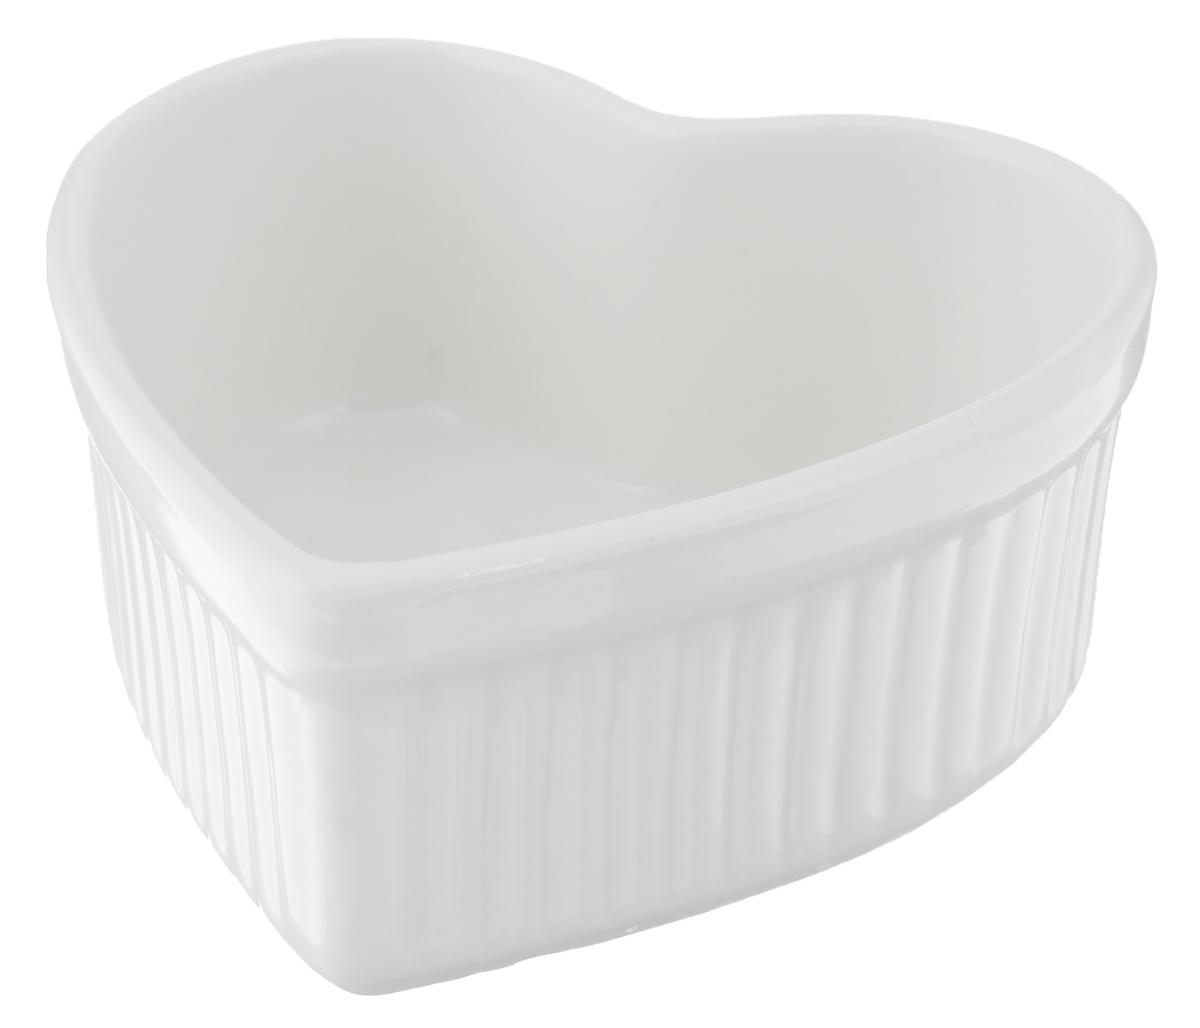 Горшок для запекания Walmer Heart, цвет: белый, 9 х 10 см горшок для запекания walmer classic цвет белый диаметр 12 см